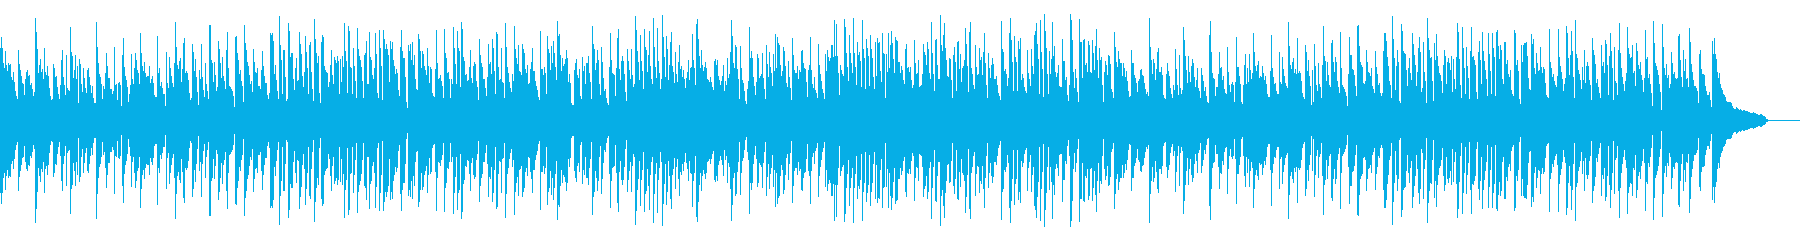 優雅で高級感ある名曲ジャズピアノの再生済みの波形